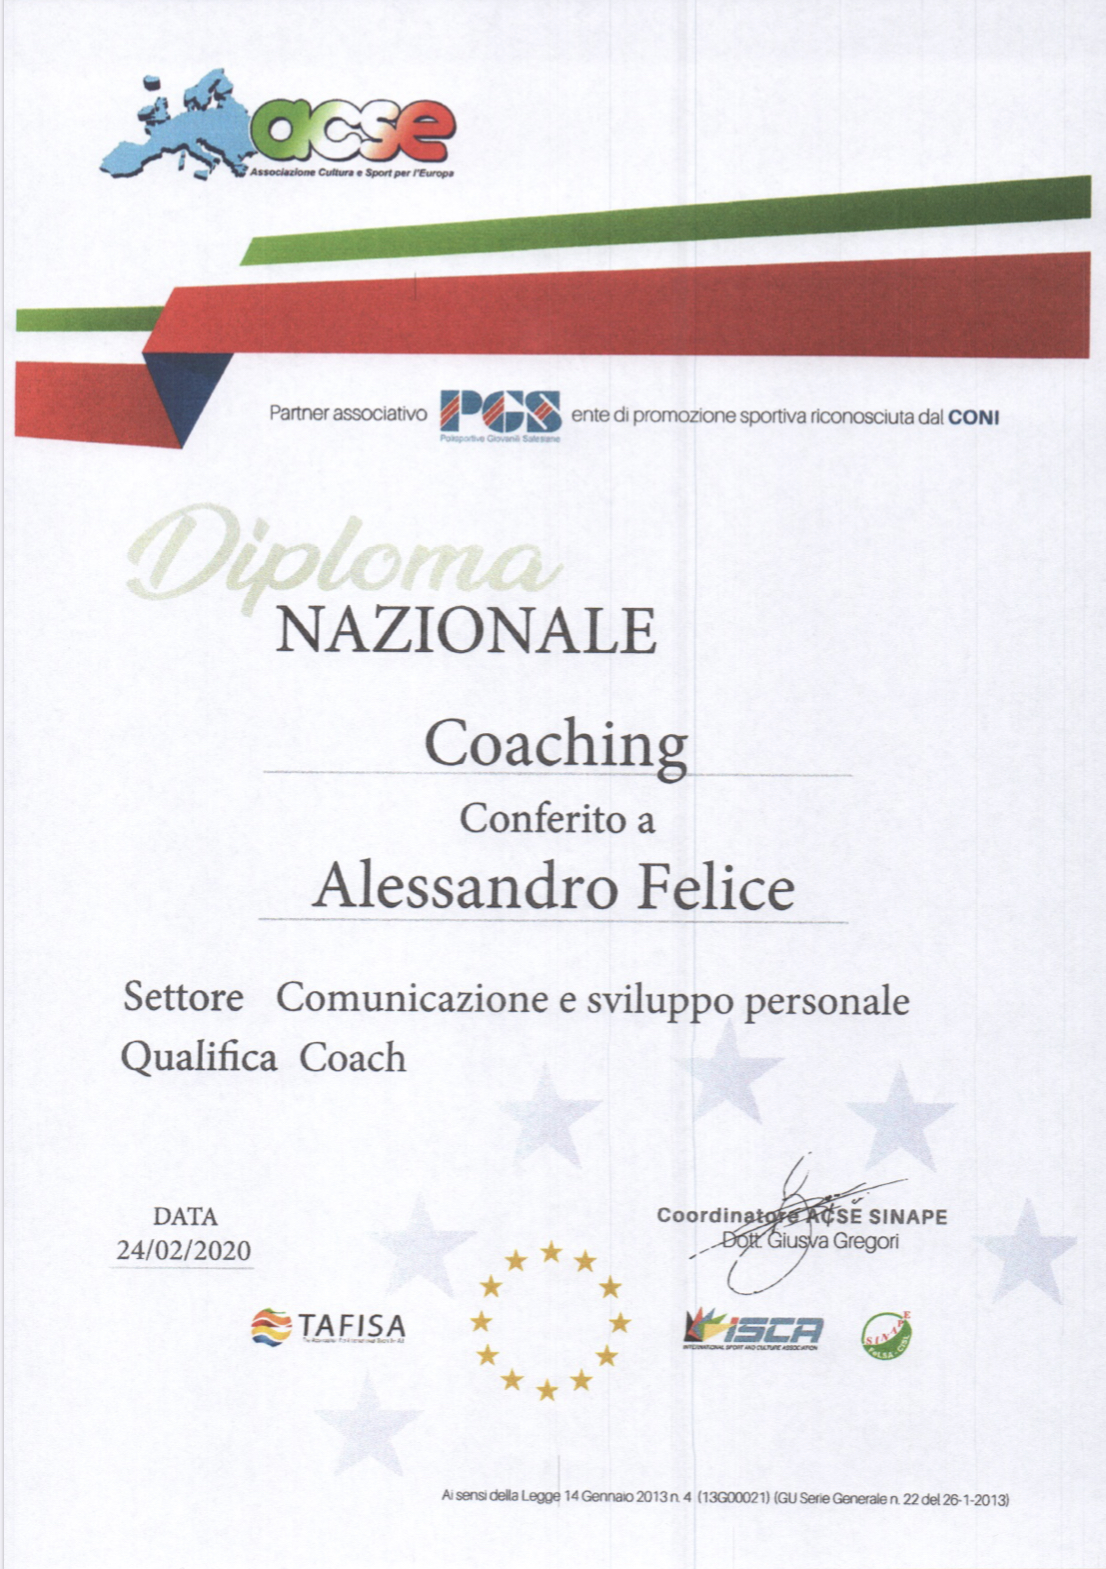 Diploma nazionale